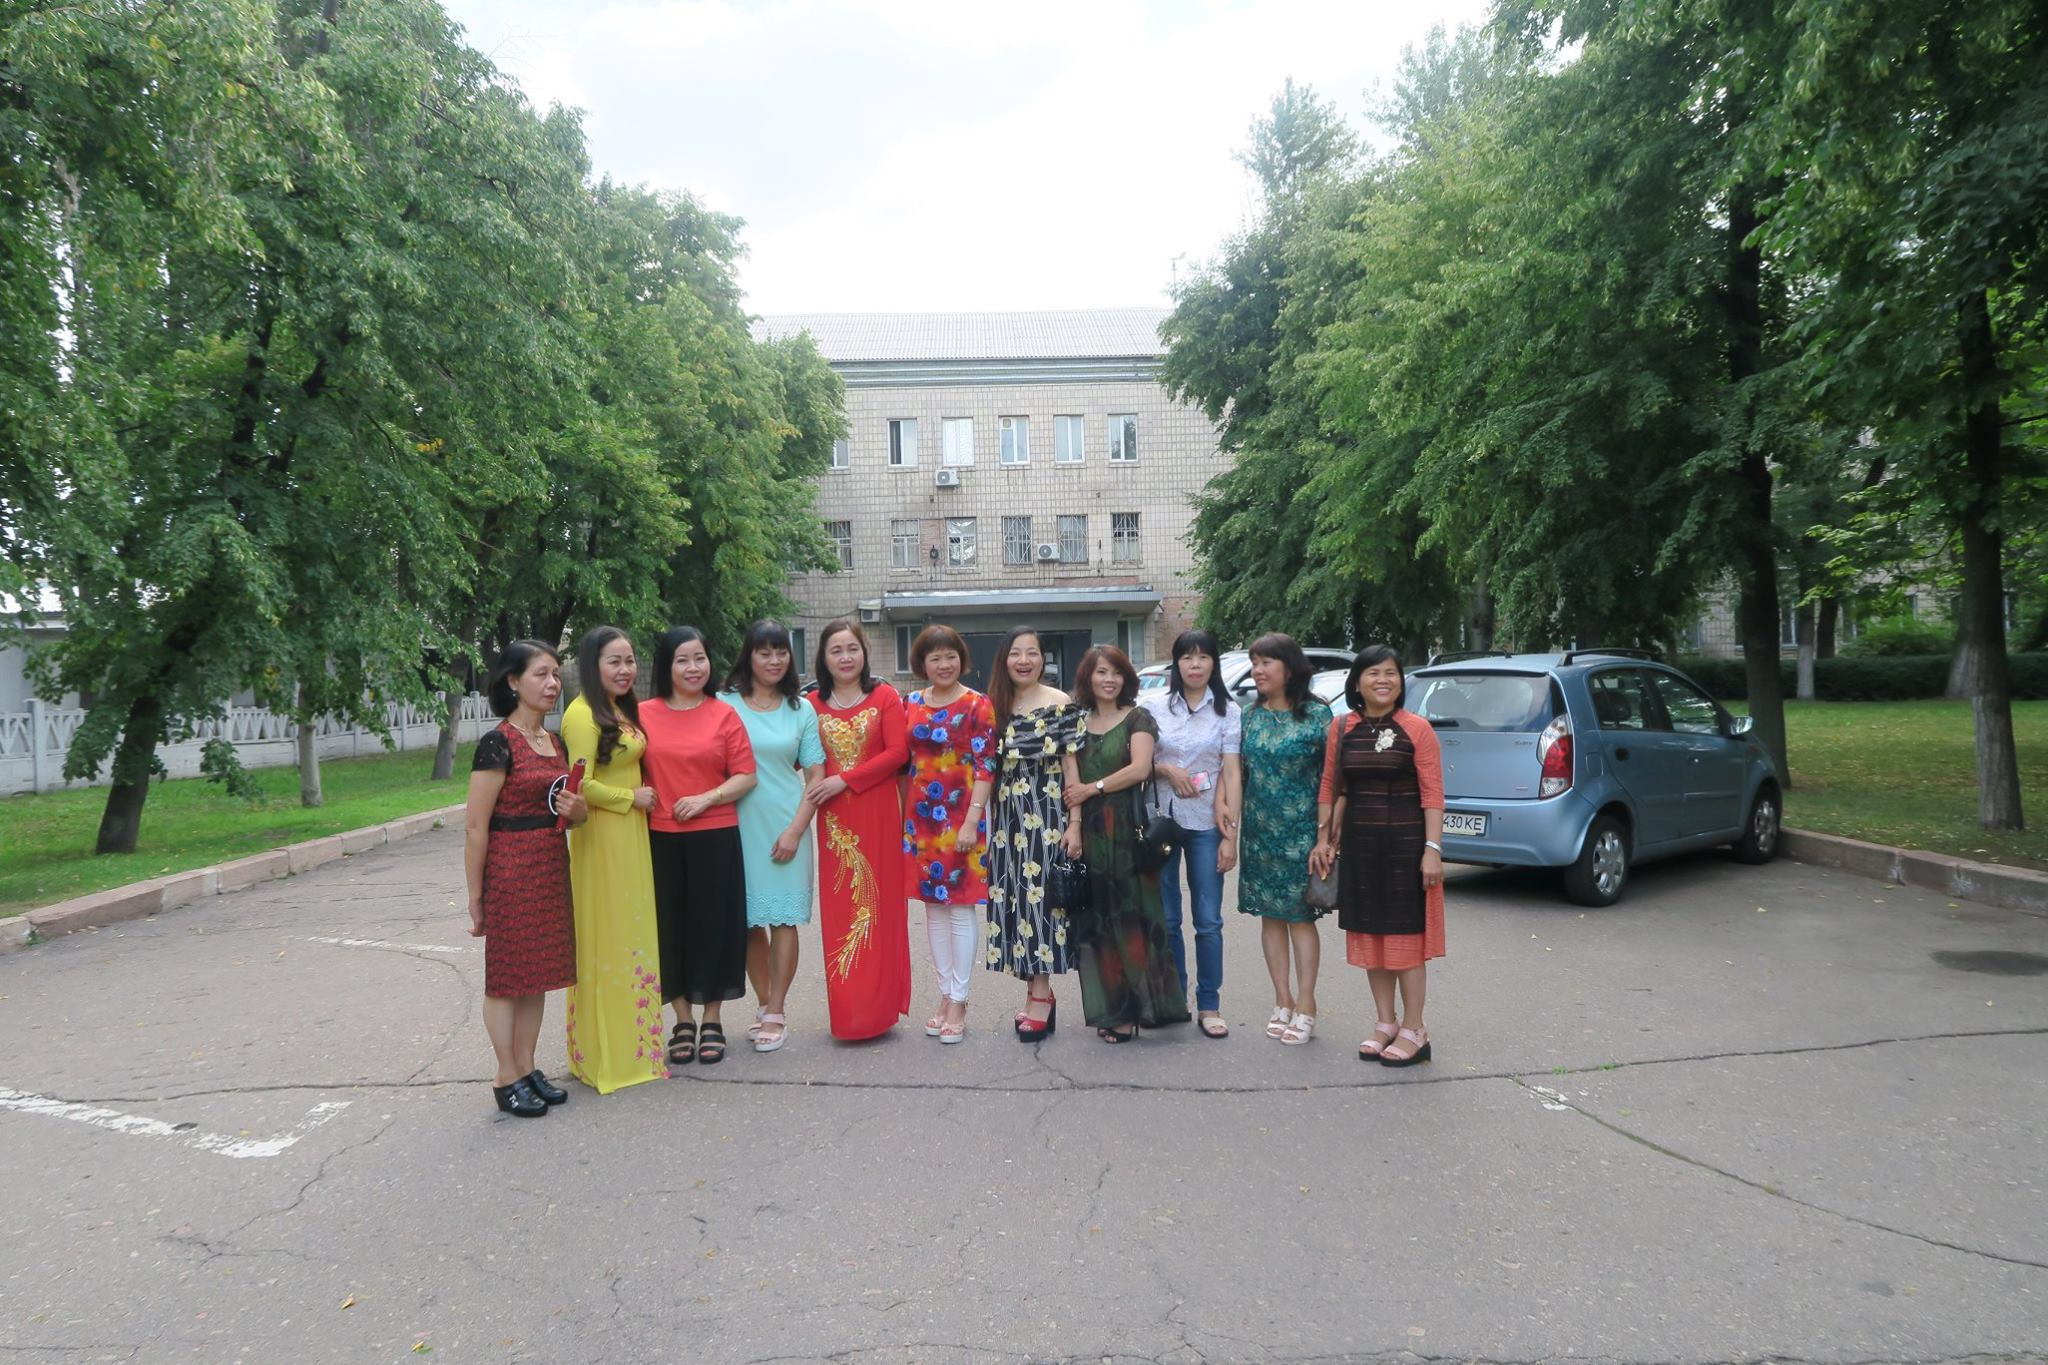 Phóng sự ảnh: Kỷ niệm 30 năm nhà máy dệt Darnitsa thủ đô Kiev, Ukraina